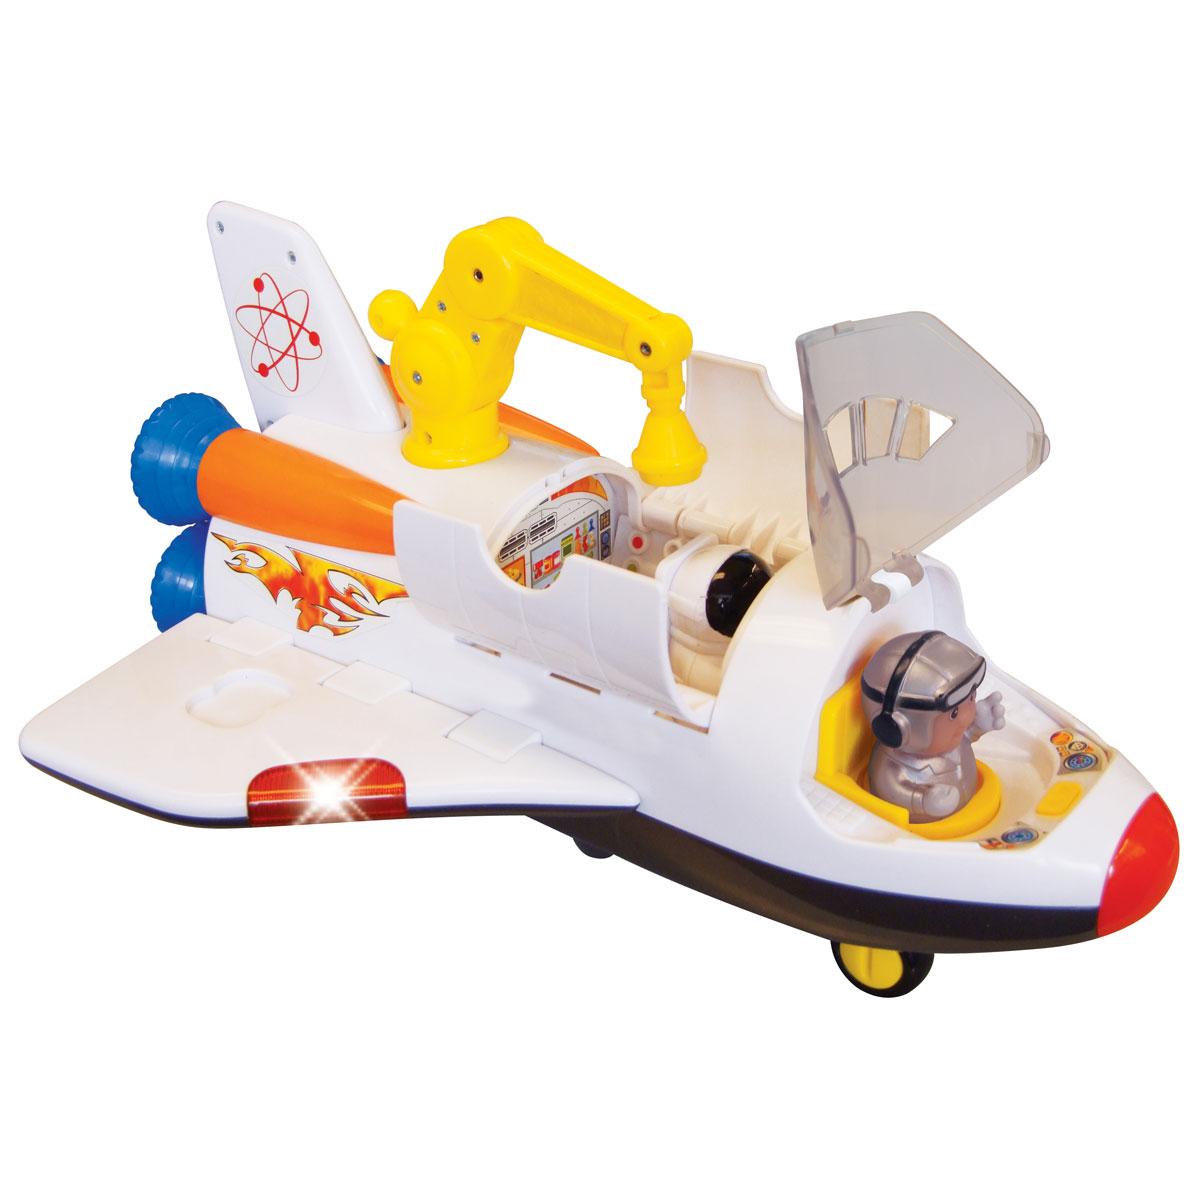 Kiddieland Развивающая игрушка Космический корабль kiddieland развивающая игрушка забавная камера